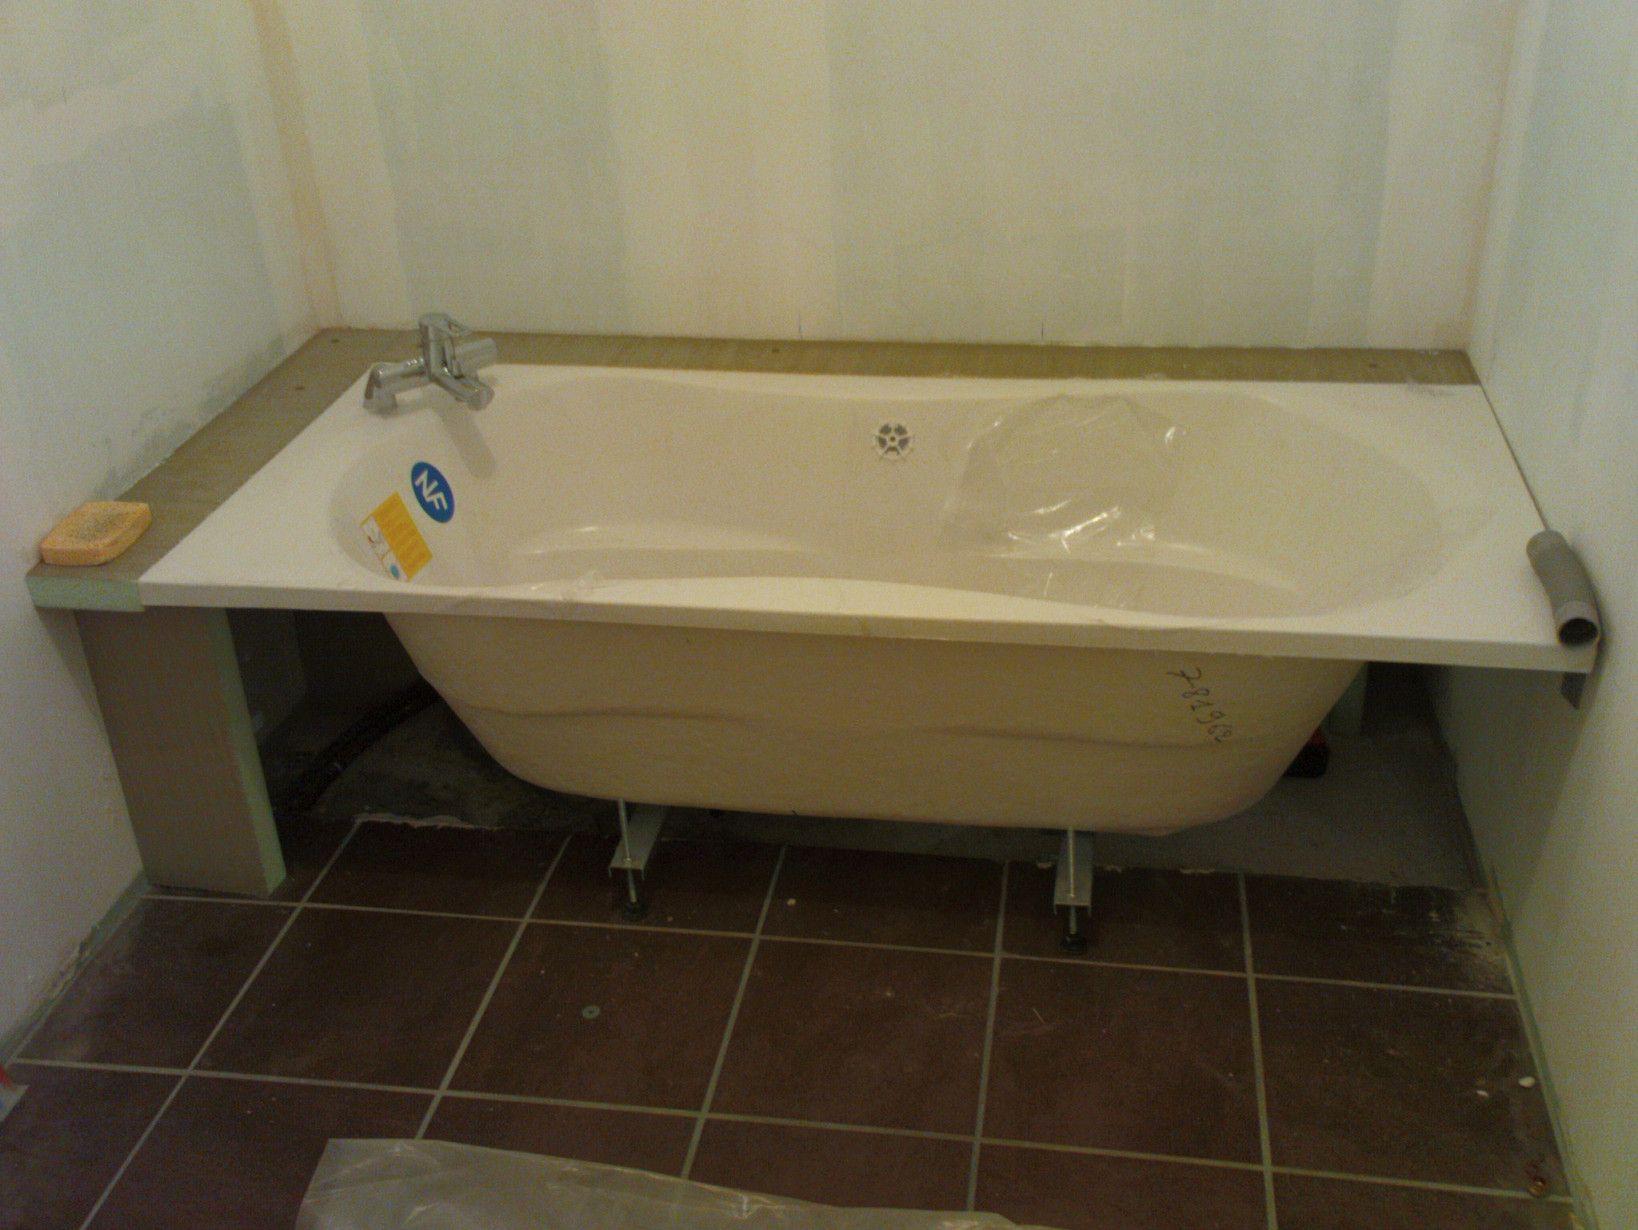 Tablier De Baignoire Castorama Tablier De Baignoire Castorama Tablier De Baignoire Baignoire Decouvrez Notre Gamme Quot Tab Bathtub Bathroom Guest Bathroom